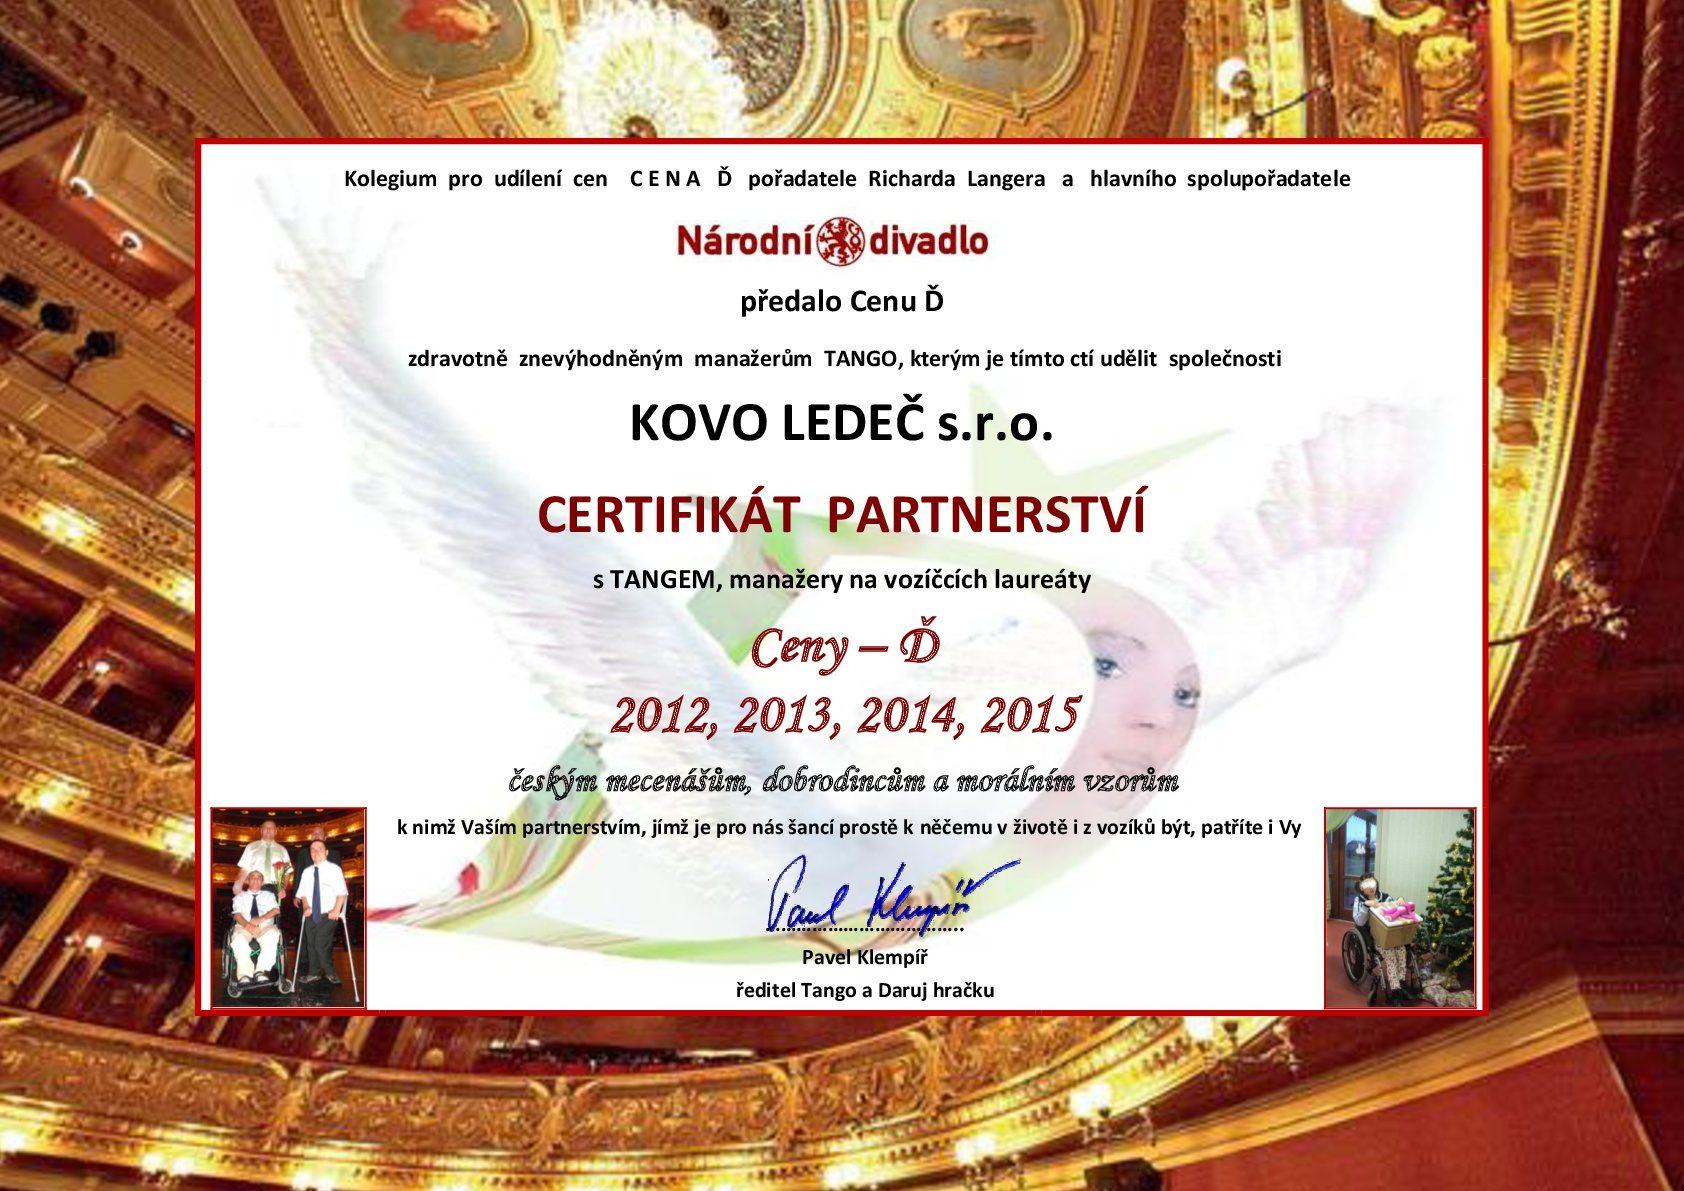 KOVO LEDEČ-Certifikát partnertsví Cena-D-Tango-2016-001